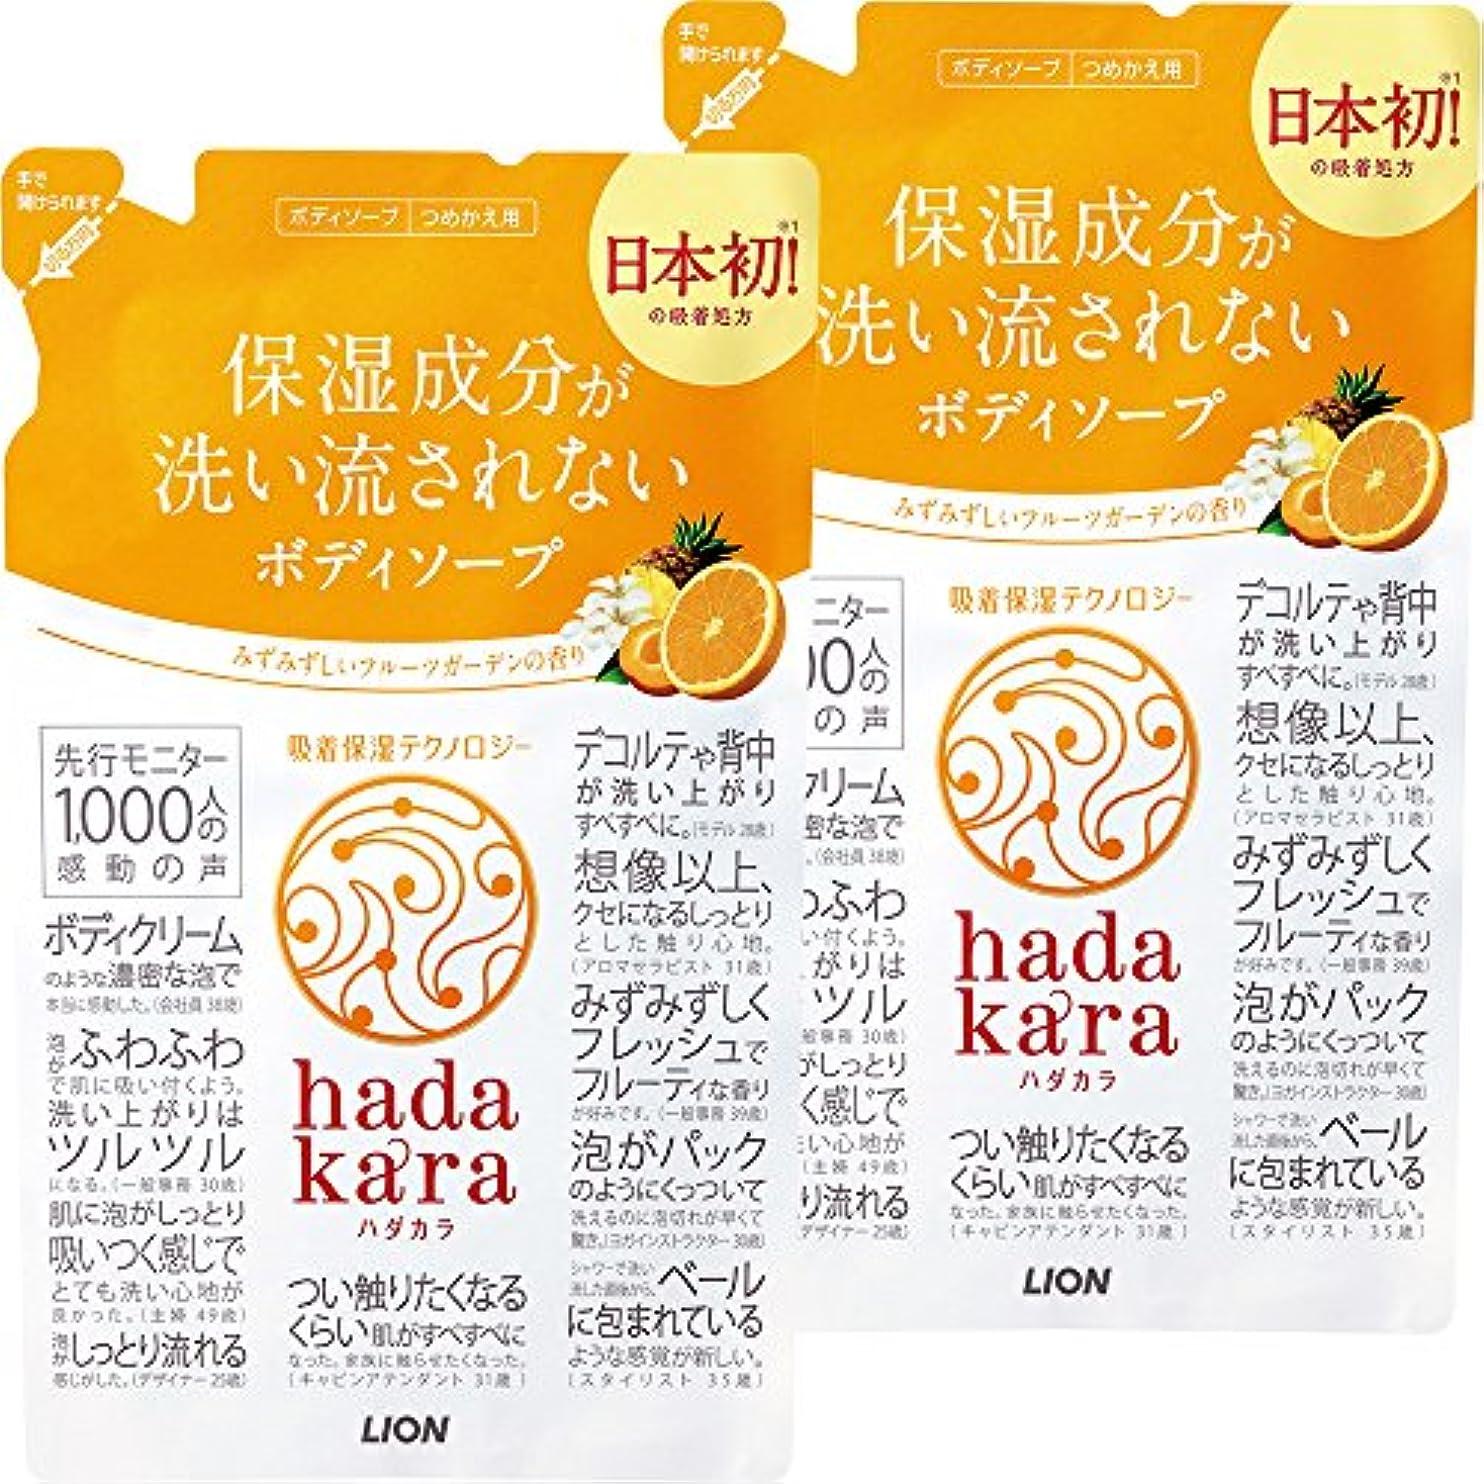 ゲージ明らかにする抑止する【まとめ買い】hadakara(ハダカラ) ボディソープ フルーツガーデンの香り 詰め替え 360ml×2個パック